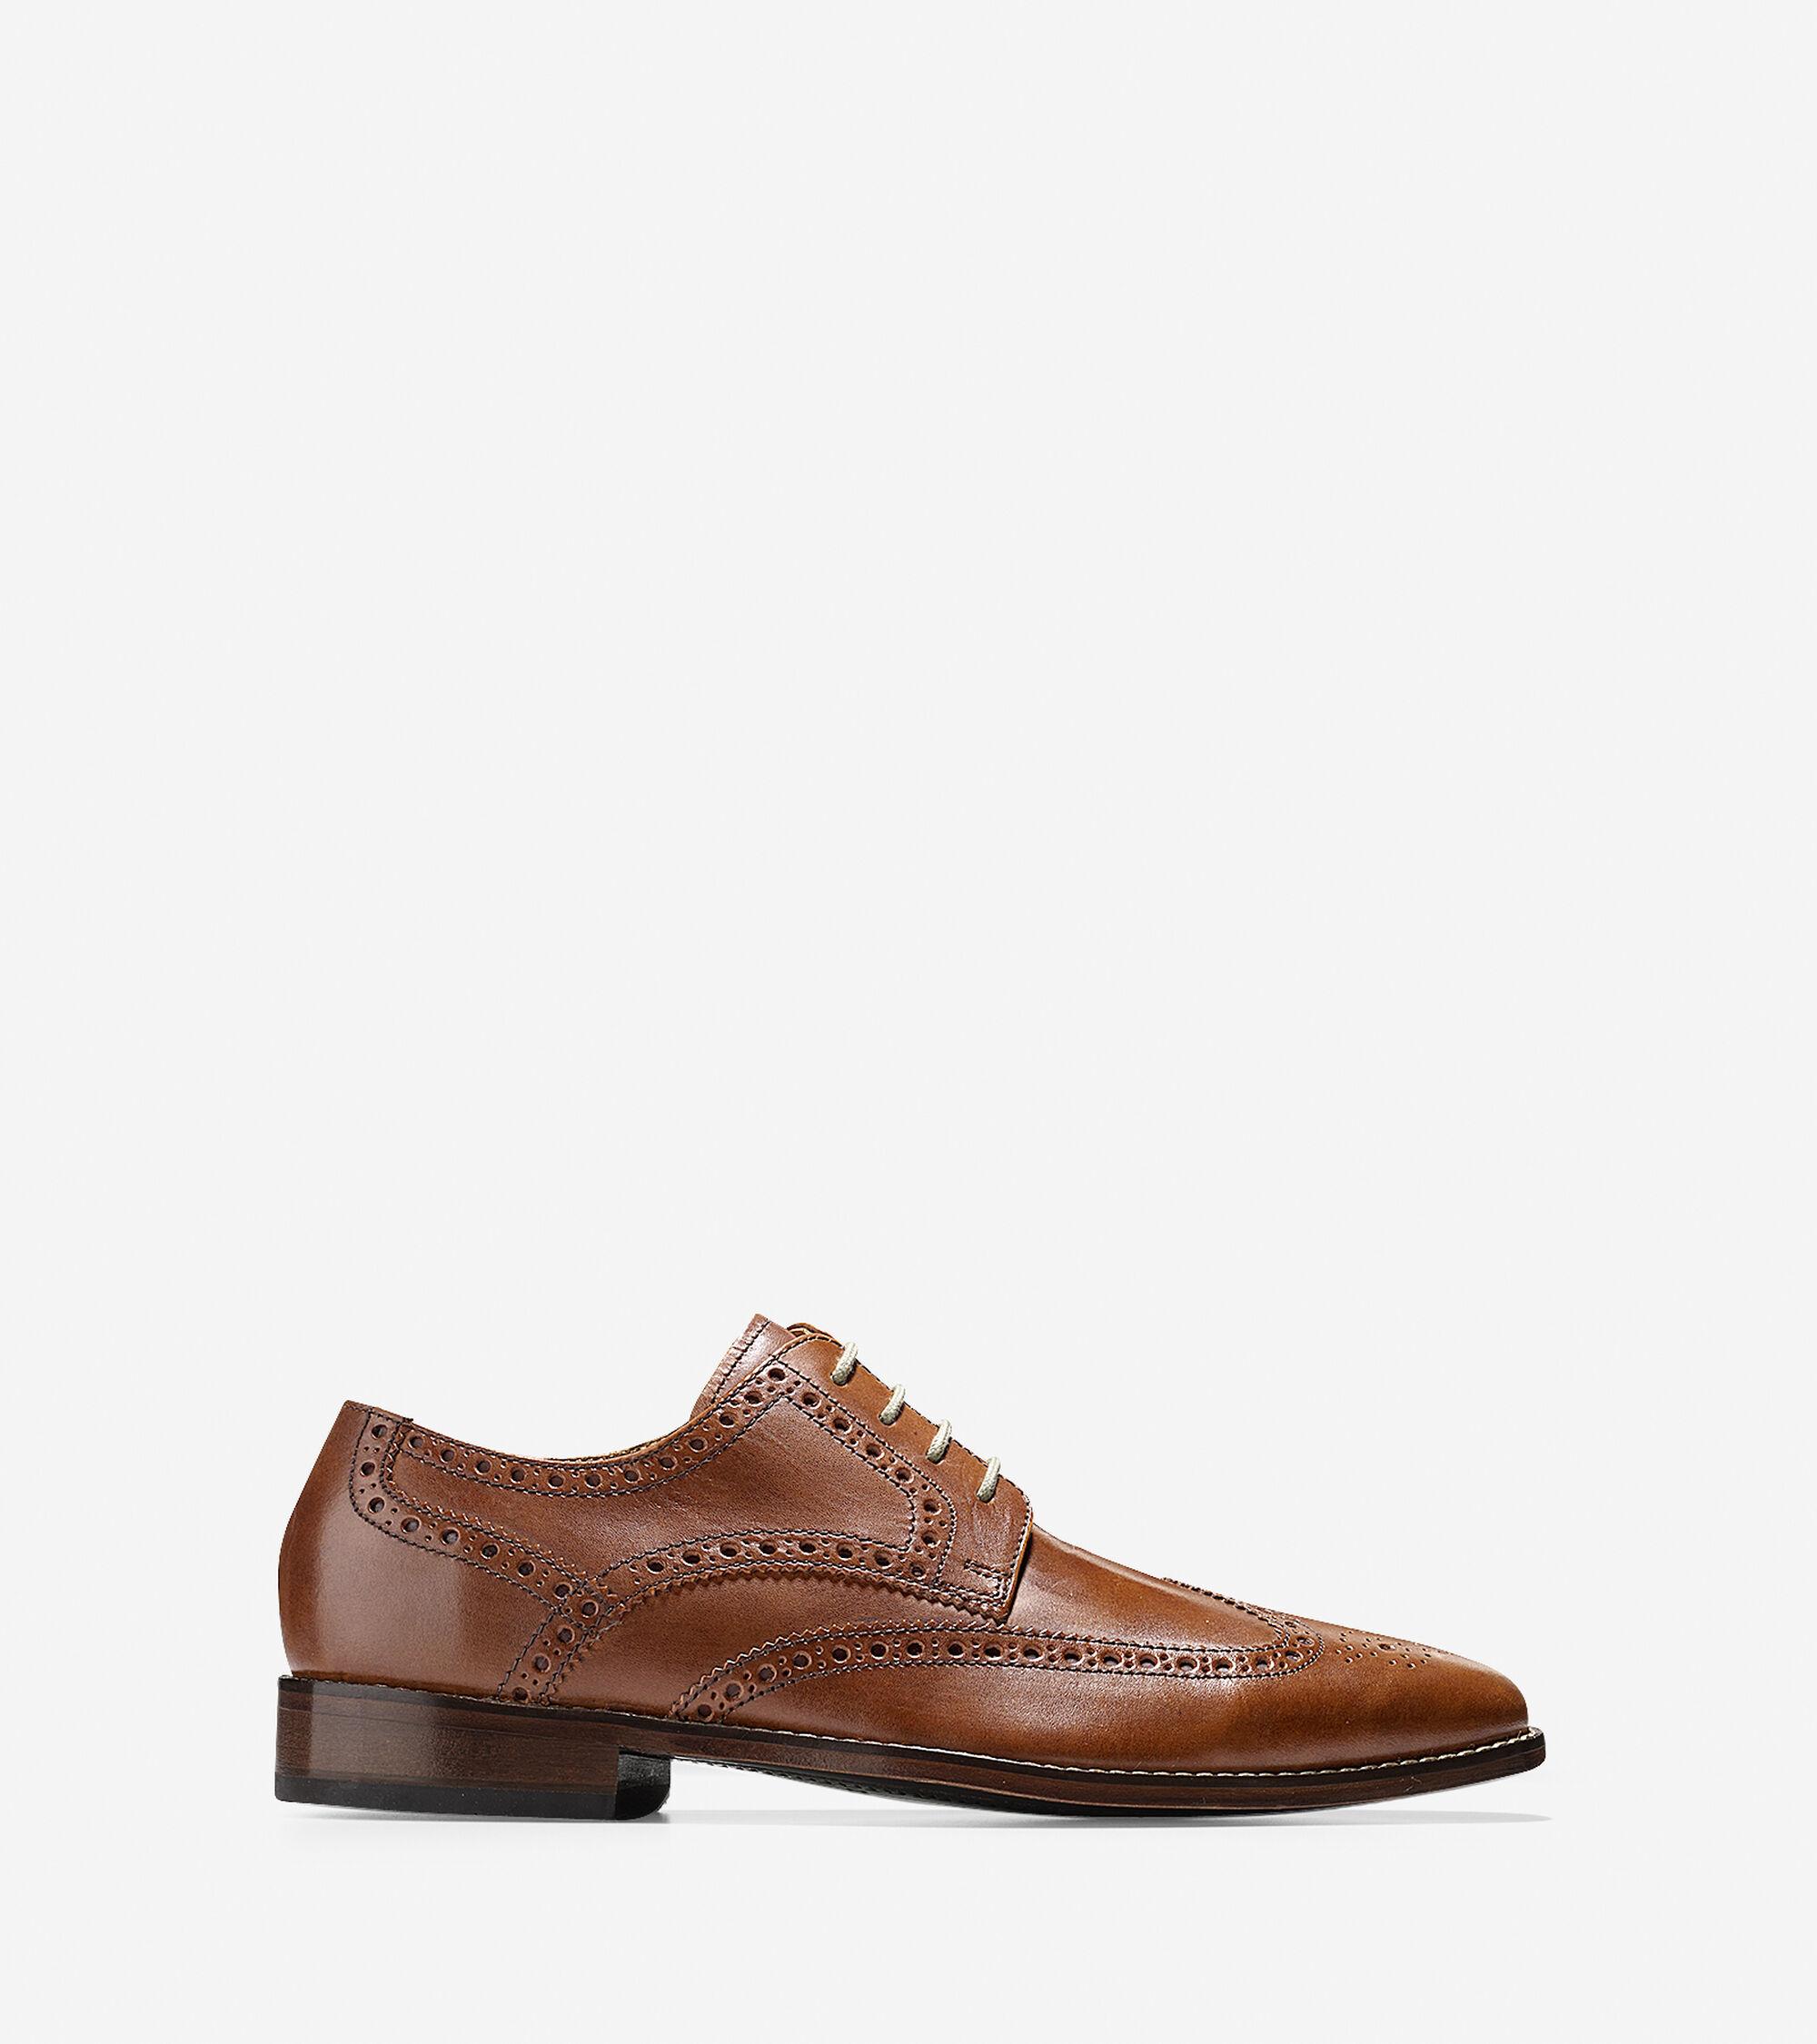 da83e40152c Men s Giraldo Wing Oxfords in British Tan   Sale